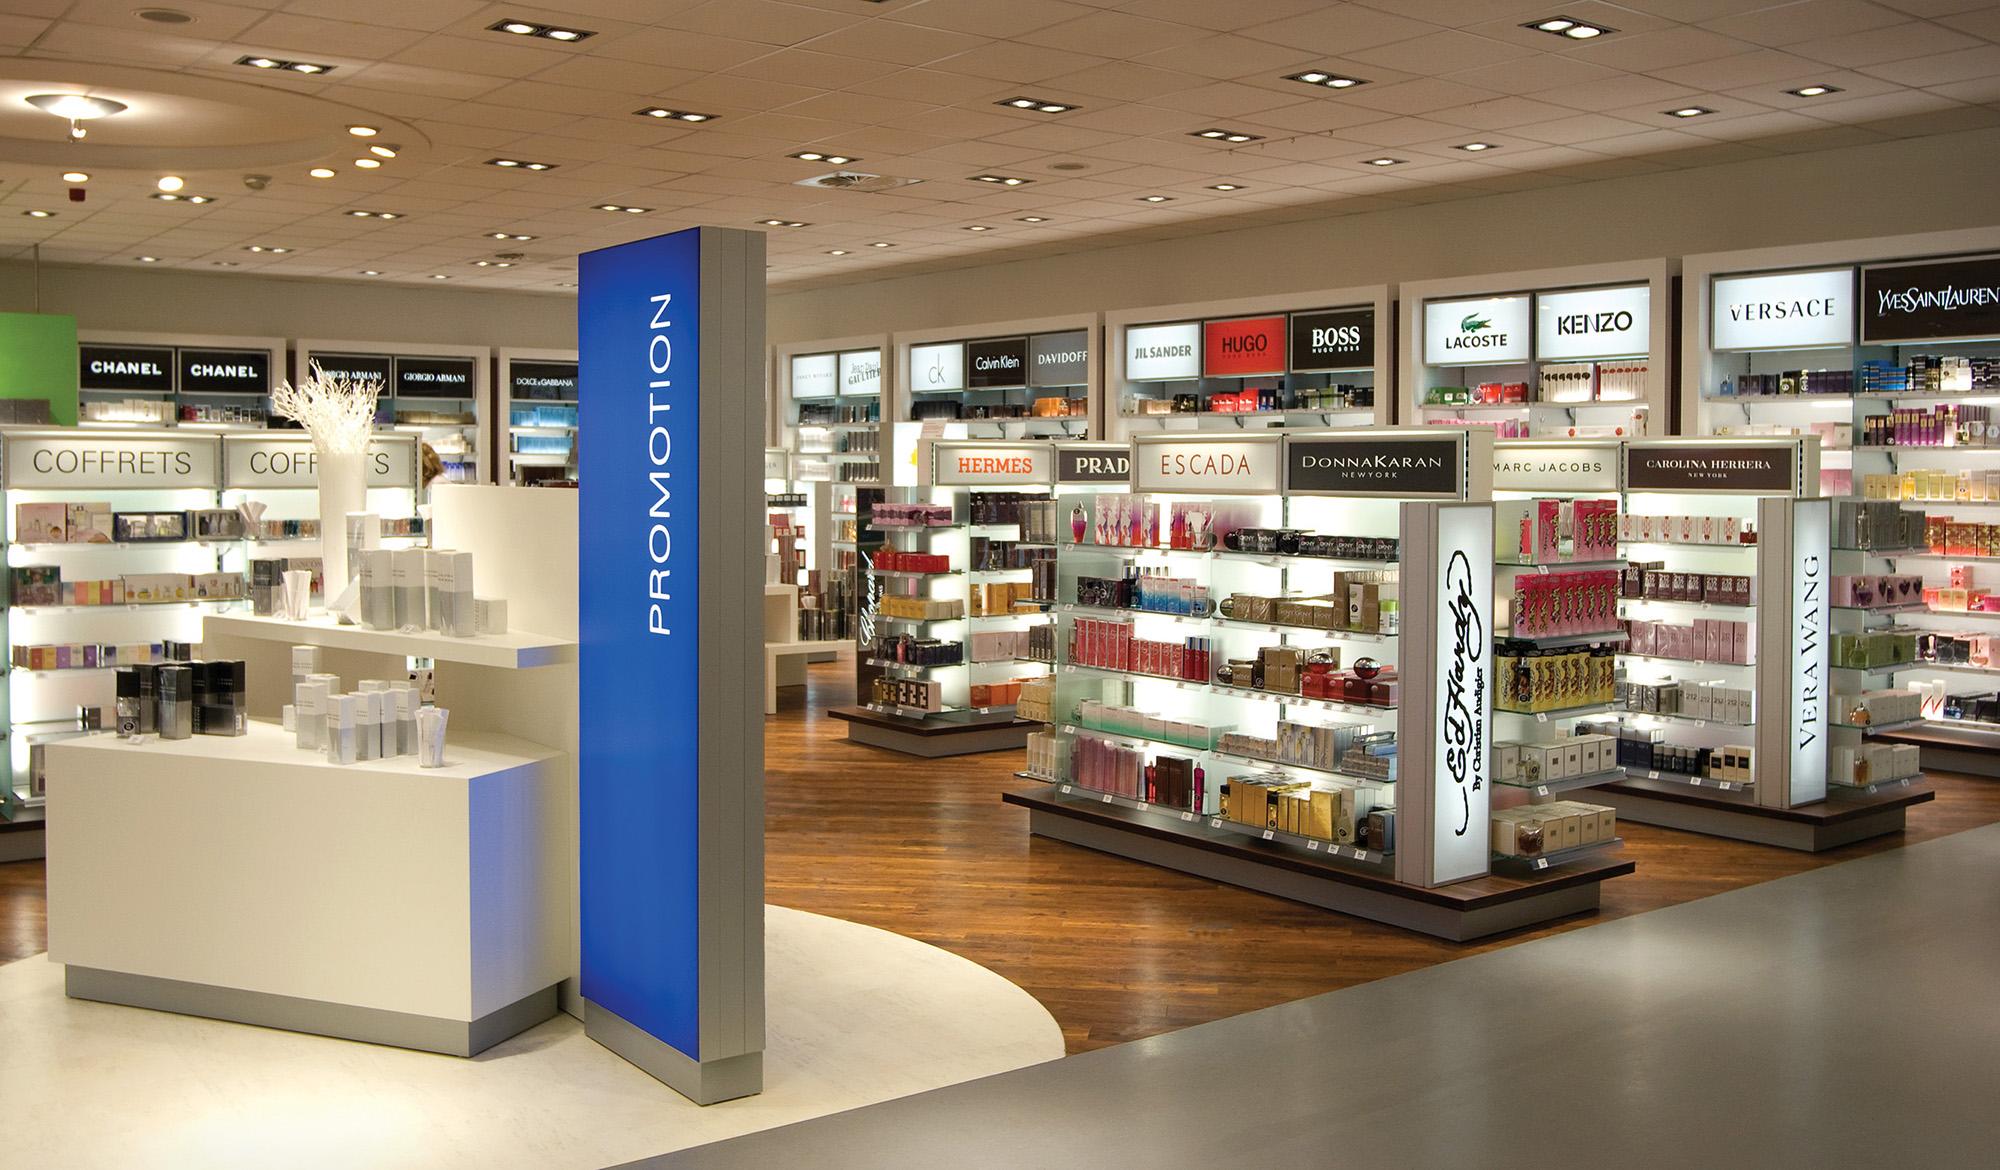 Foto van een cosmetica winkel